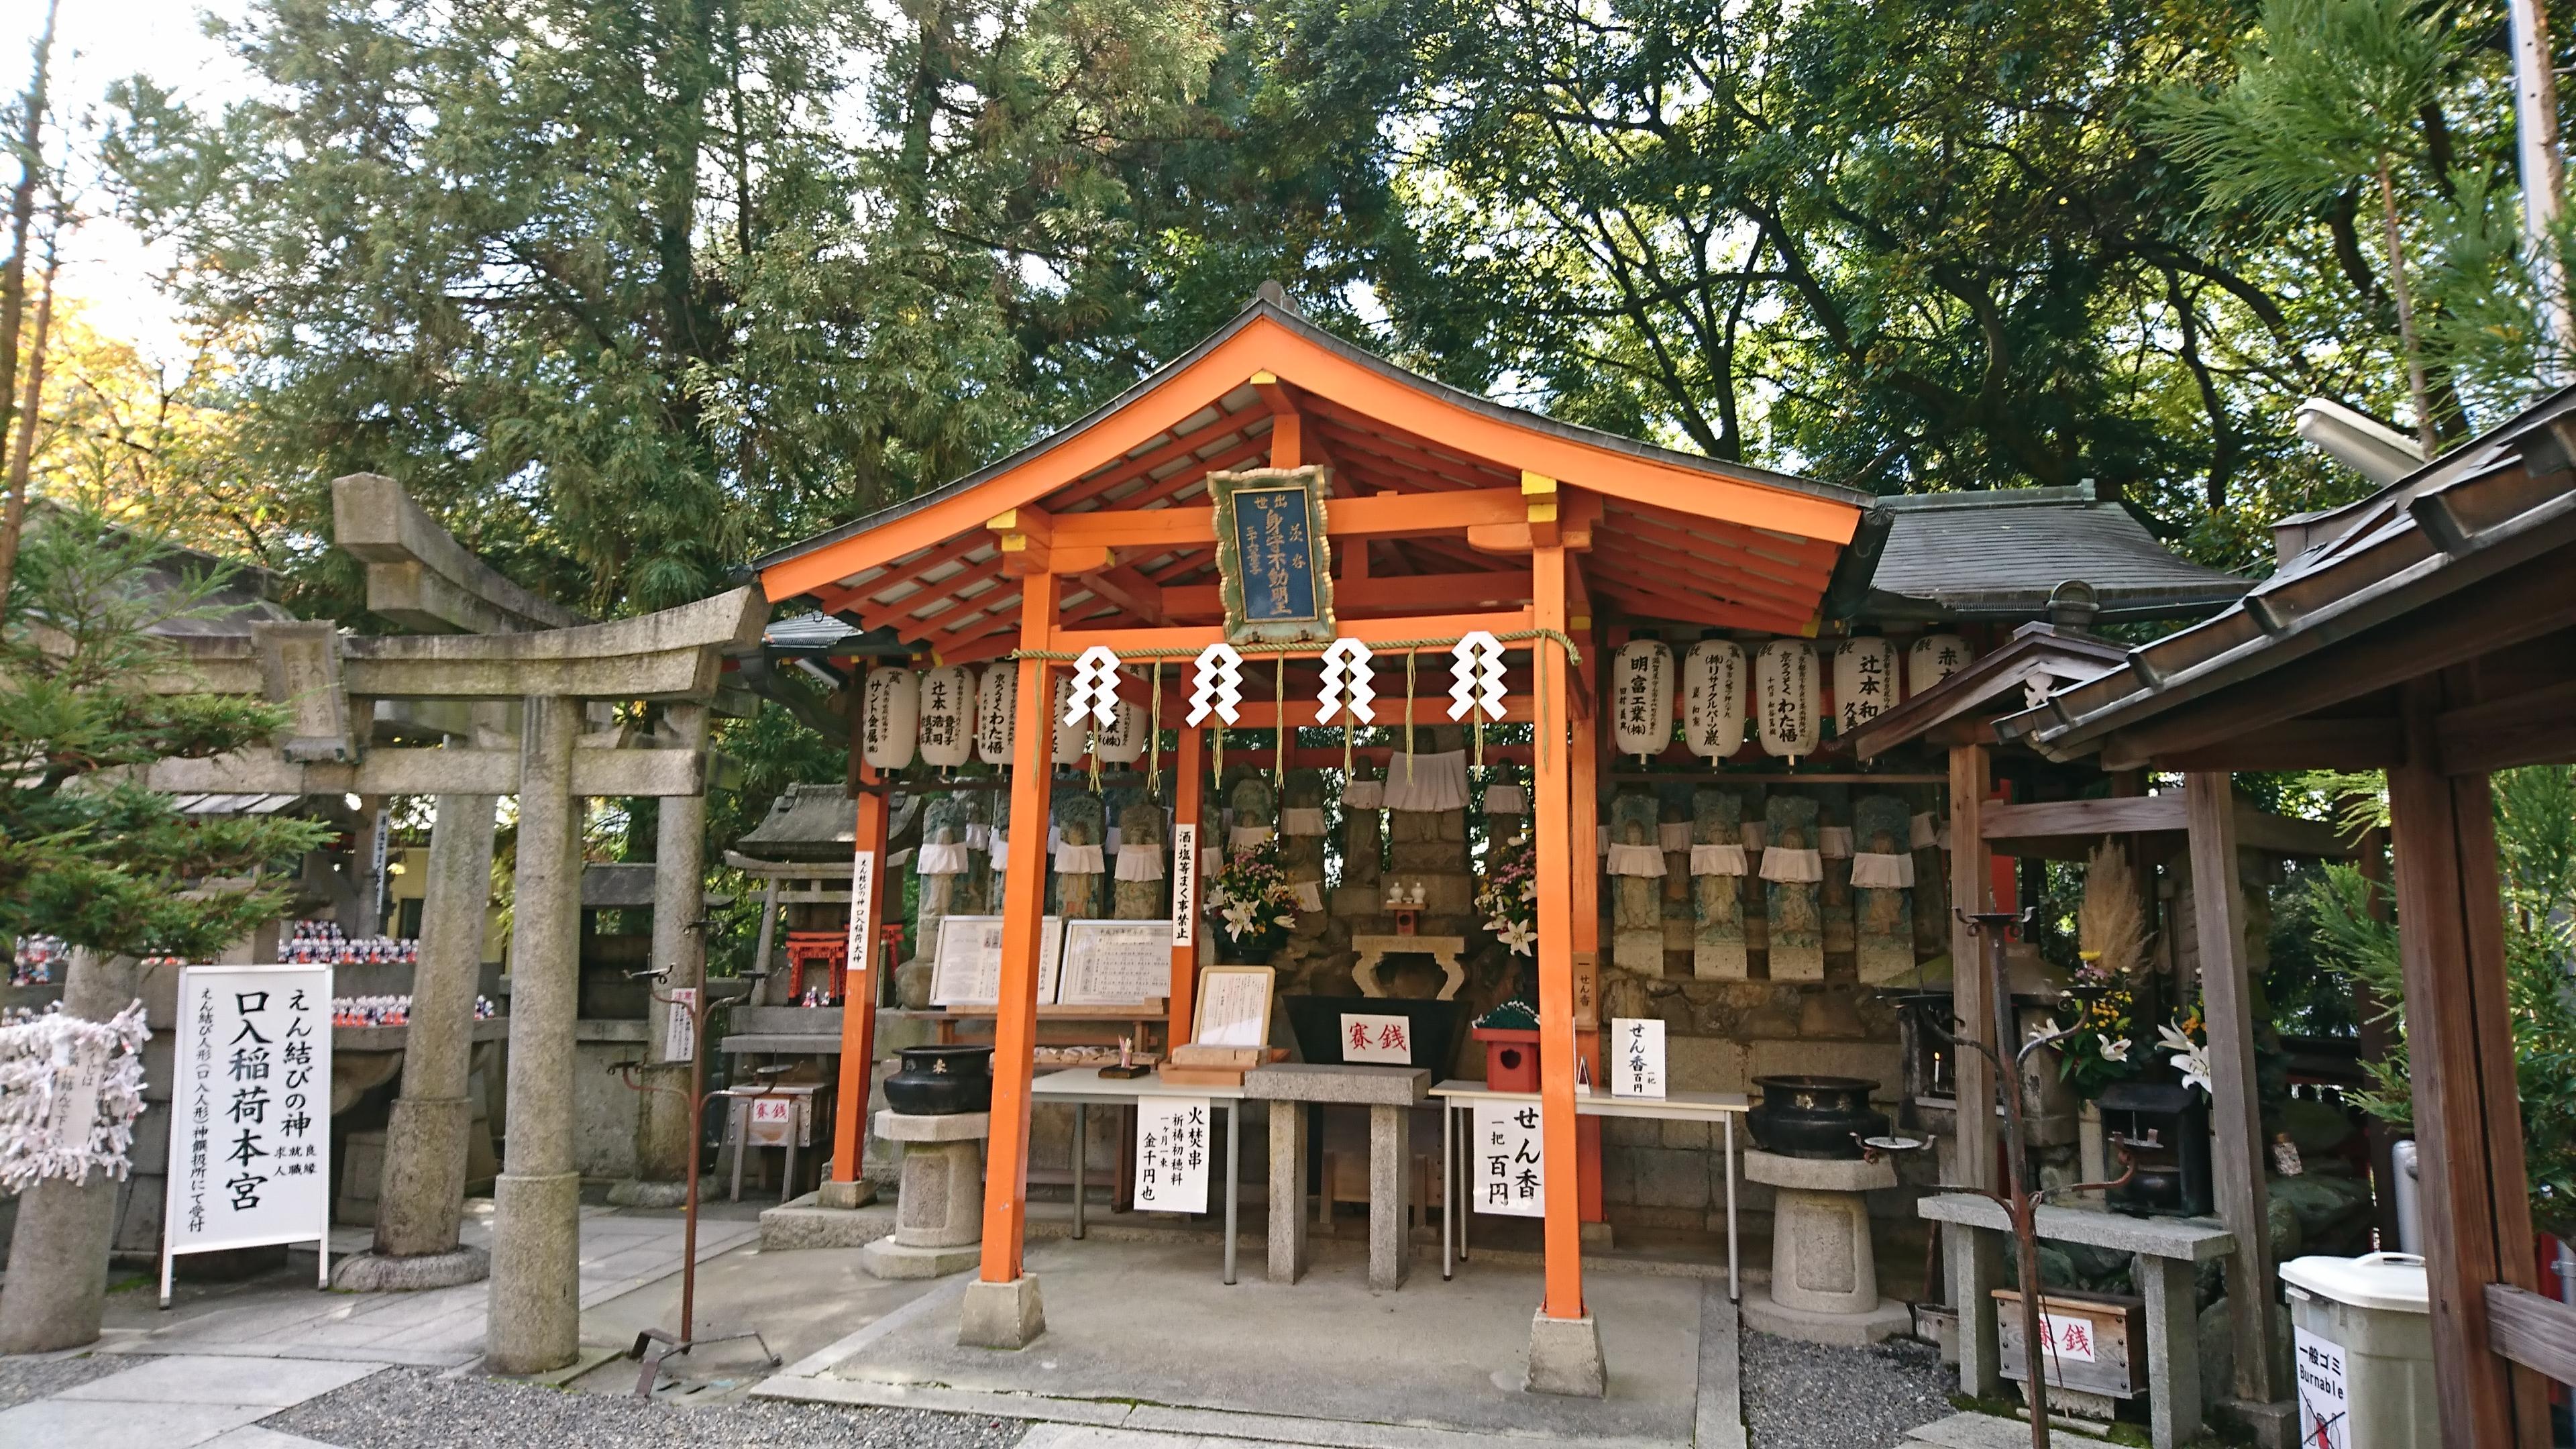 京都伏見稲荷大社の裏参道にある荒木神社